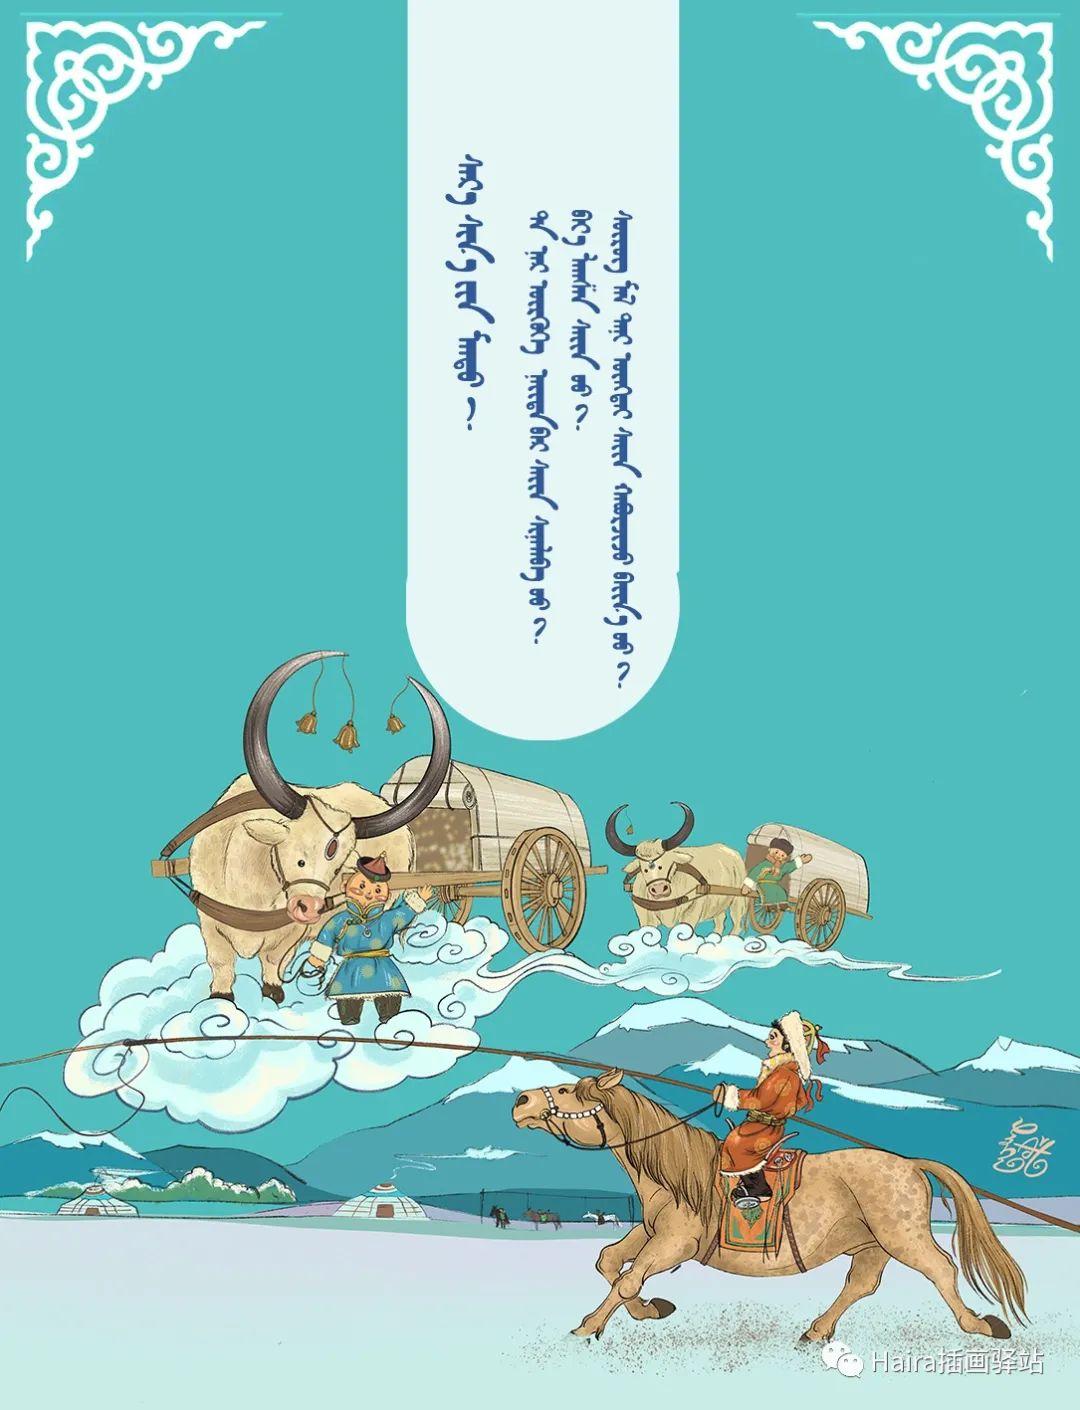 插画展 | 插画师 · 查干萨日的问候